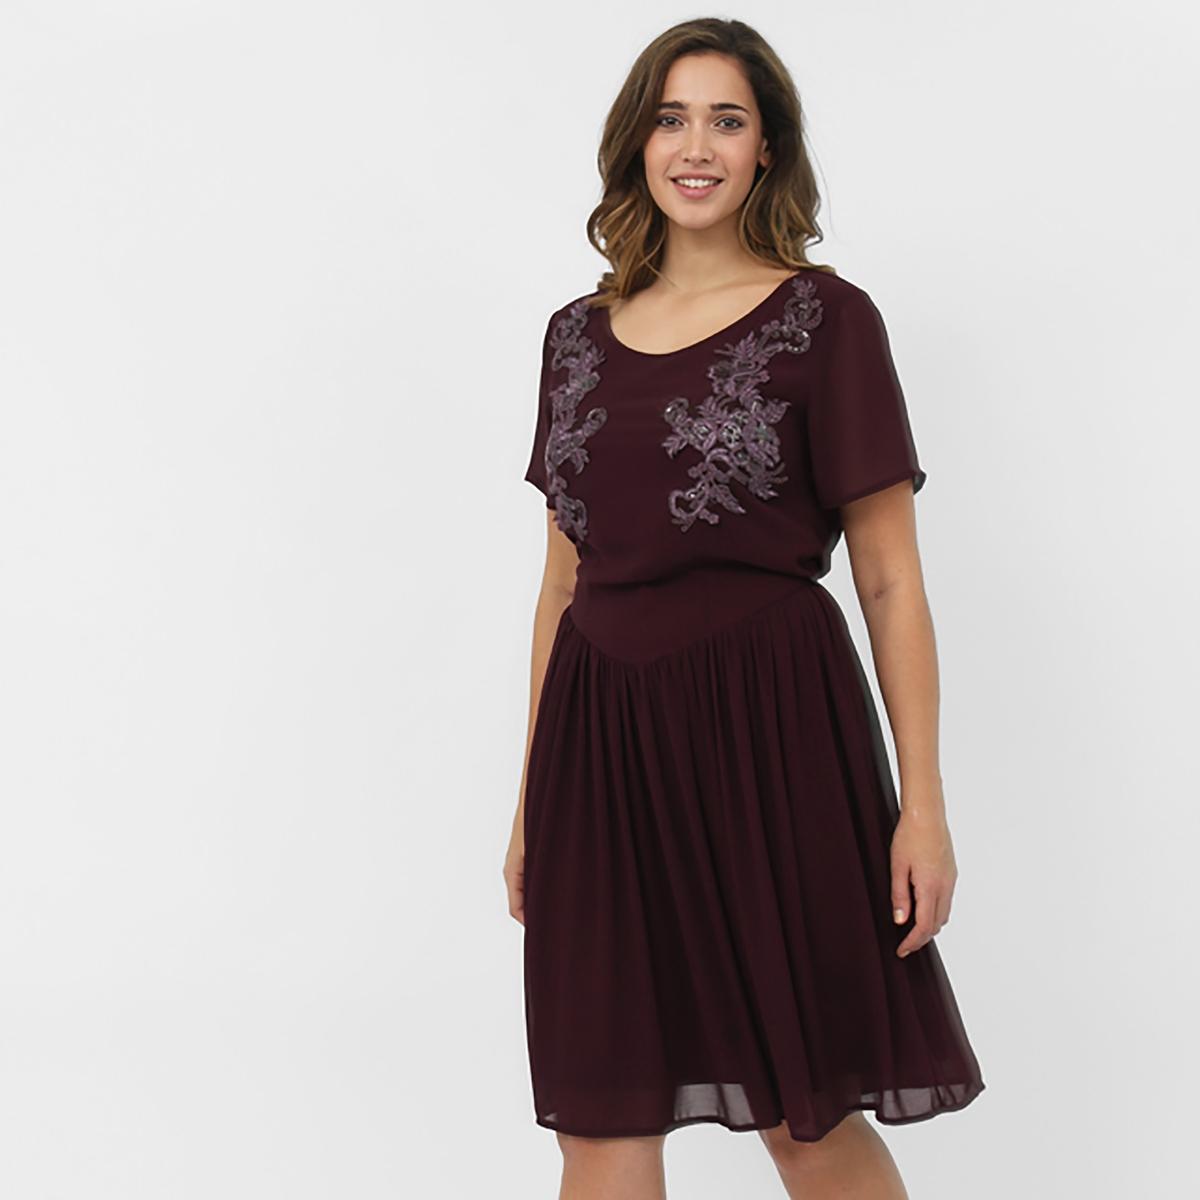 Платье с короткими рукавамиПлатье с короткими рукавами KOKO BY KOKO. V-образный вырез . Вышивка спереди. Длина около 101 см. 100% полиэстера<br><br>Цвет: фиолетовый<br>Размер: 58/60 (FR) - 64/66 (RUS)